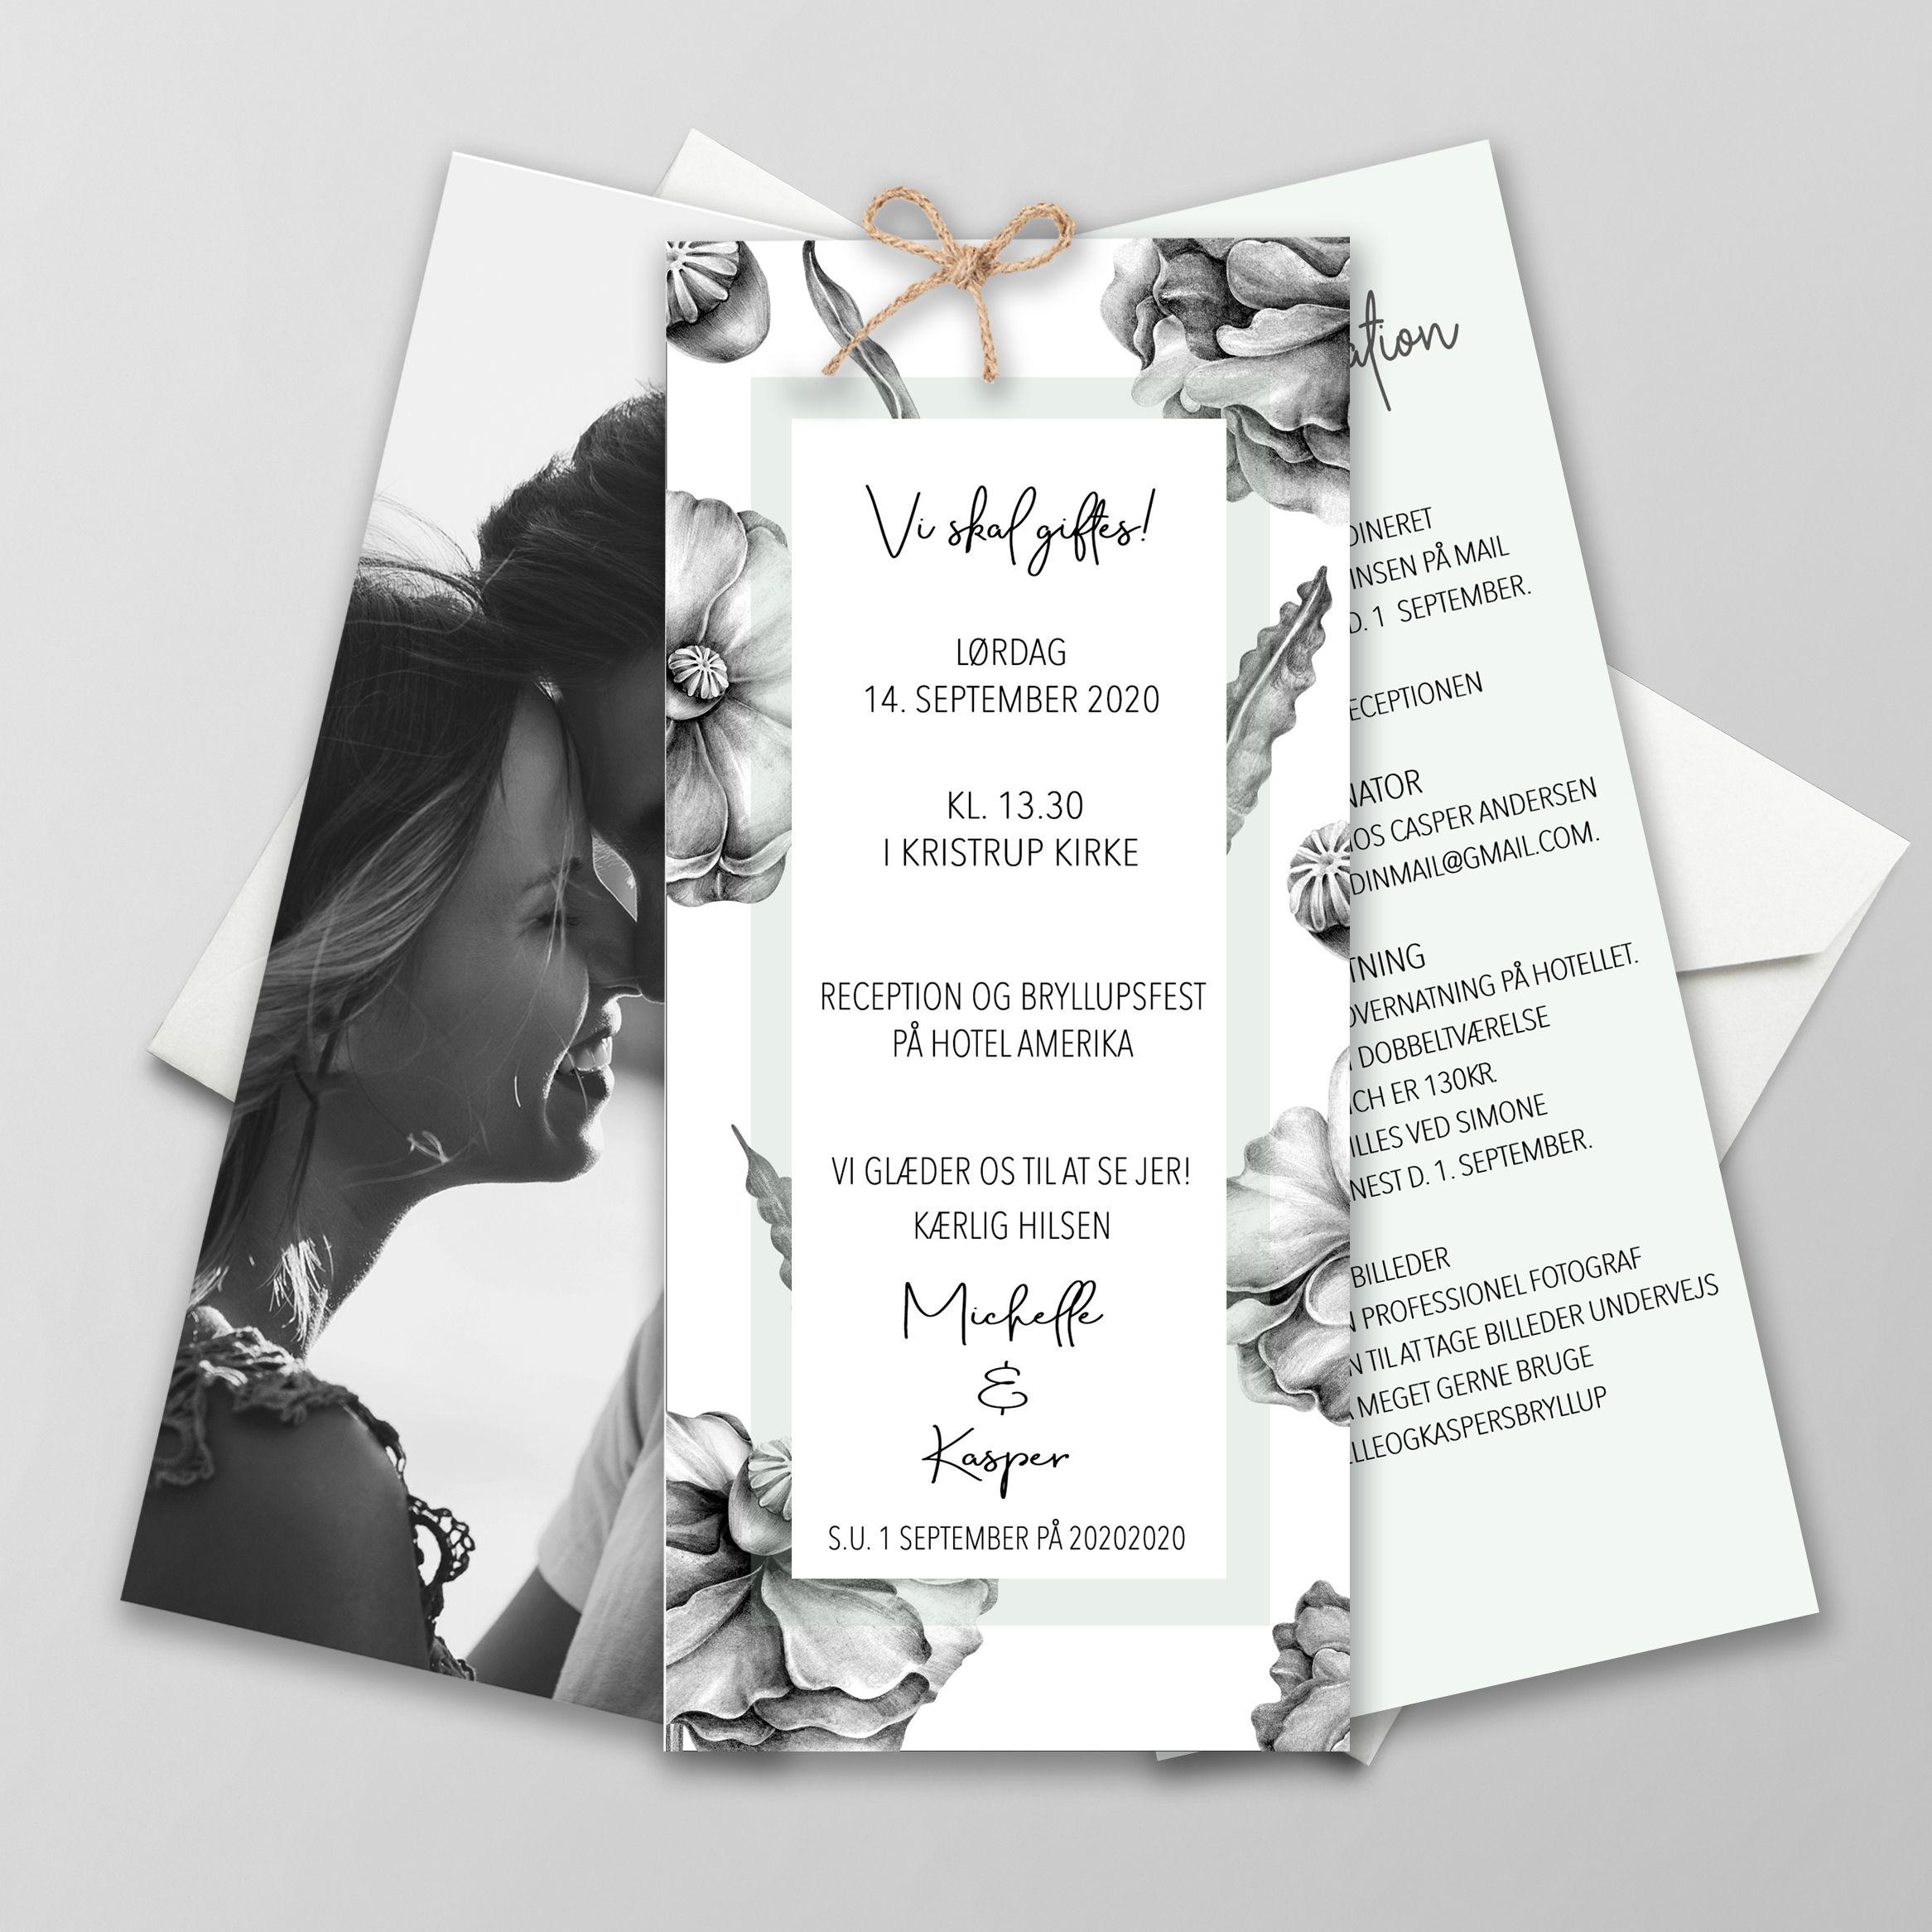 Playish Greyish I 2020 Bryllupsinvitation Bryllupsinvitationer Invitationer